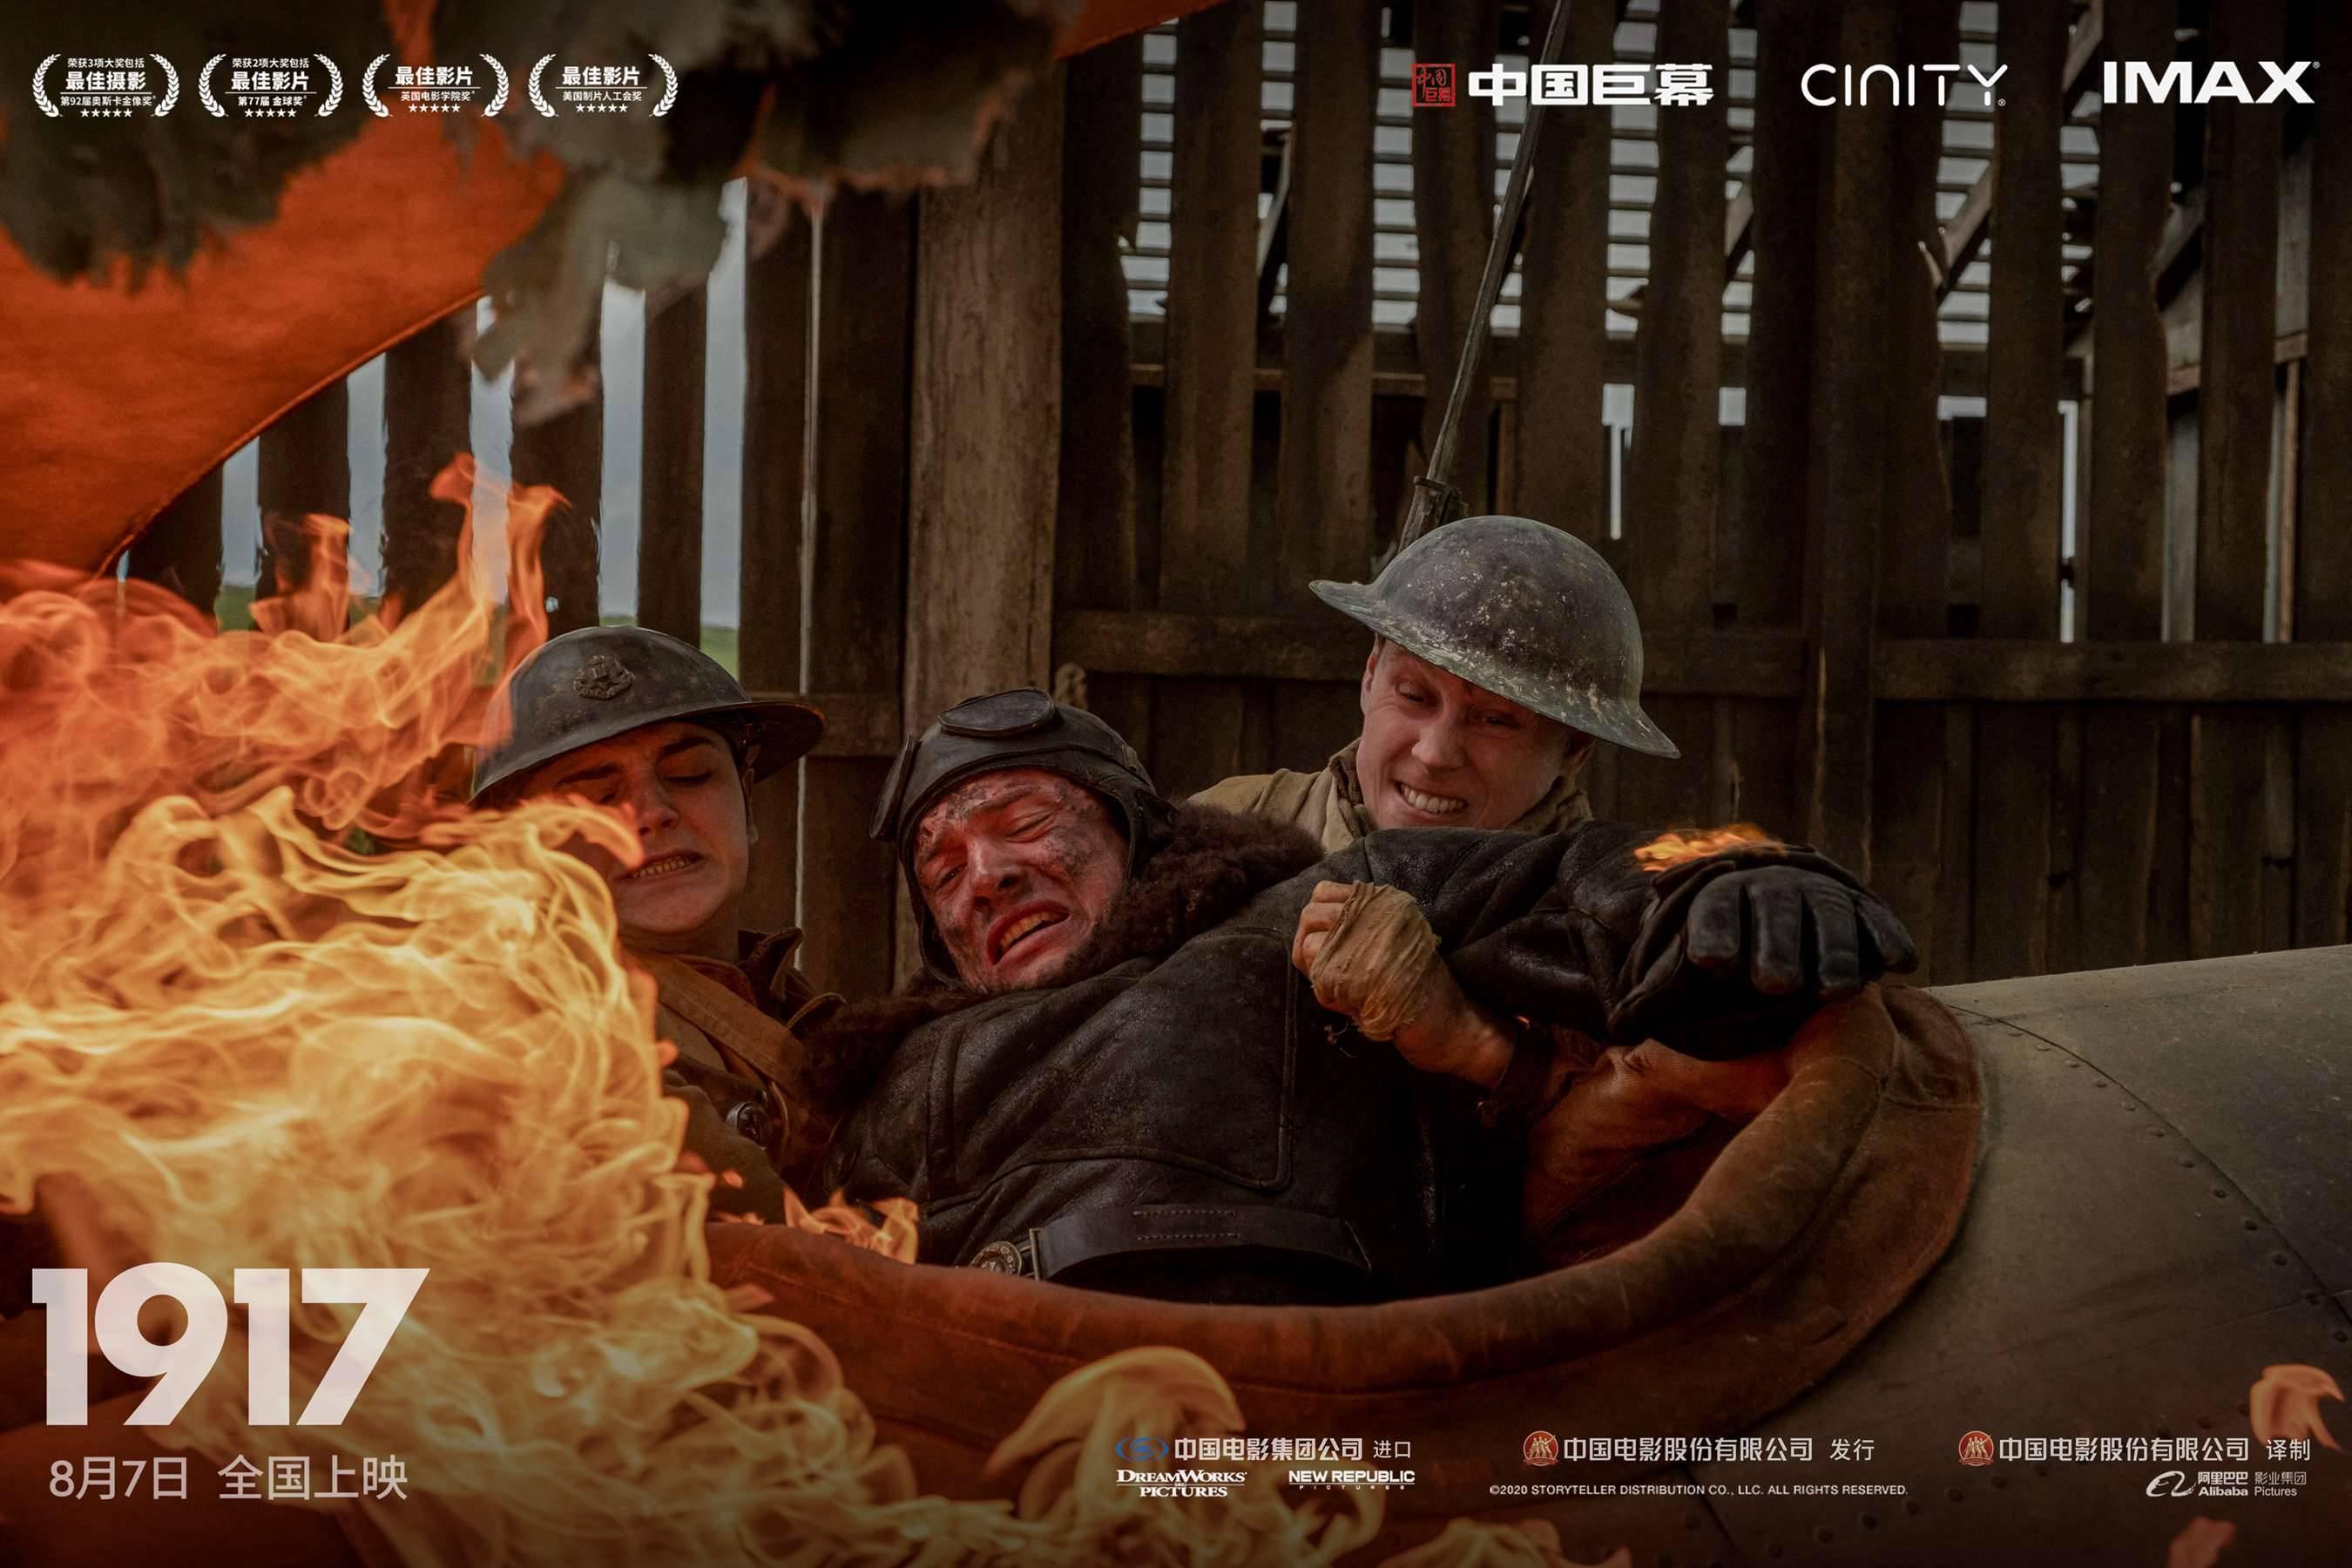 """《1917》曝全新特輯 """"一鏡到底""""聚焦人性與希望"""